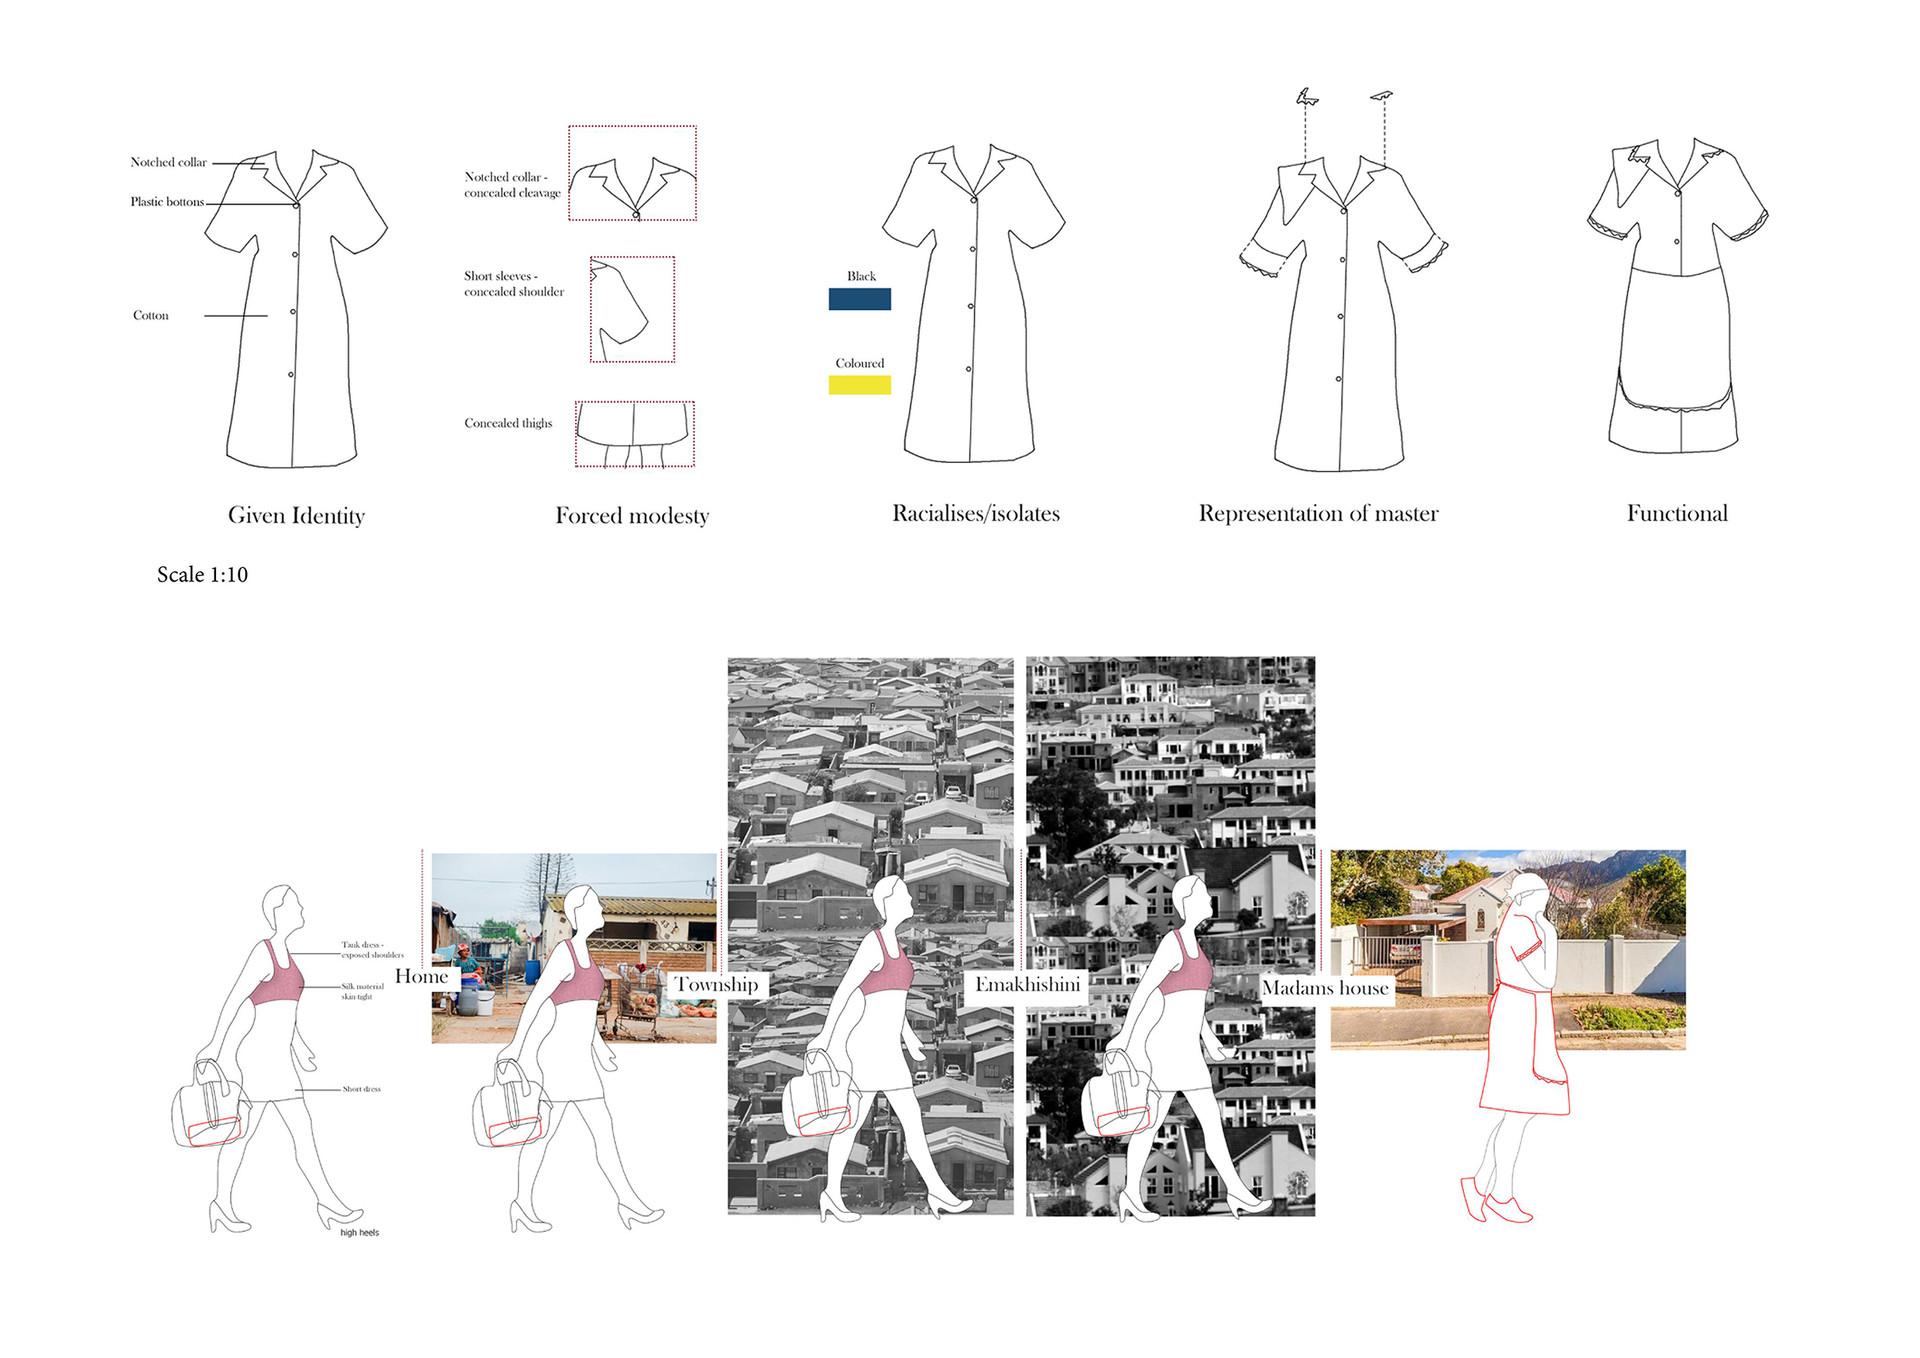 Skin - Uniform. Mnguni, T. Unit 19. 2020.